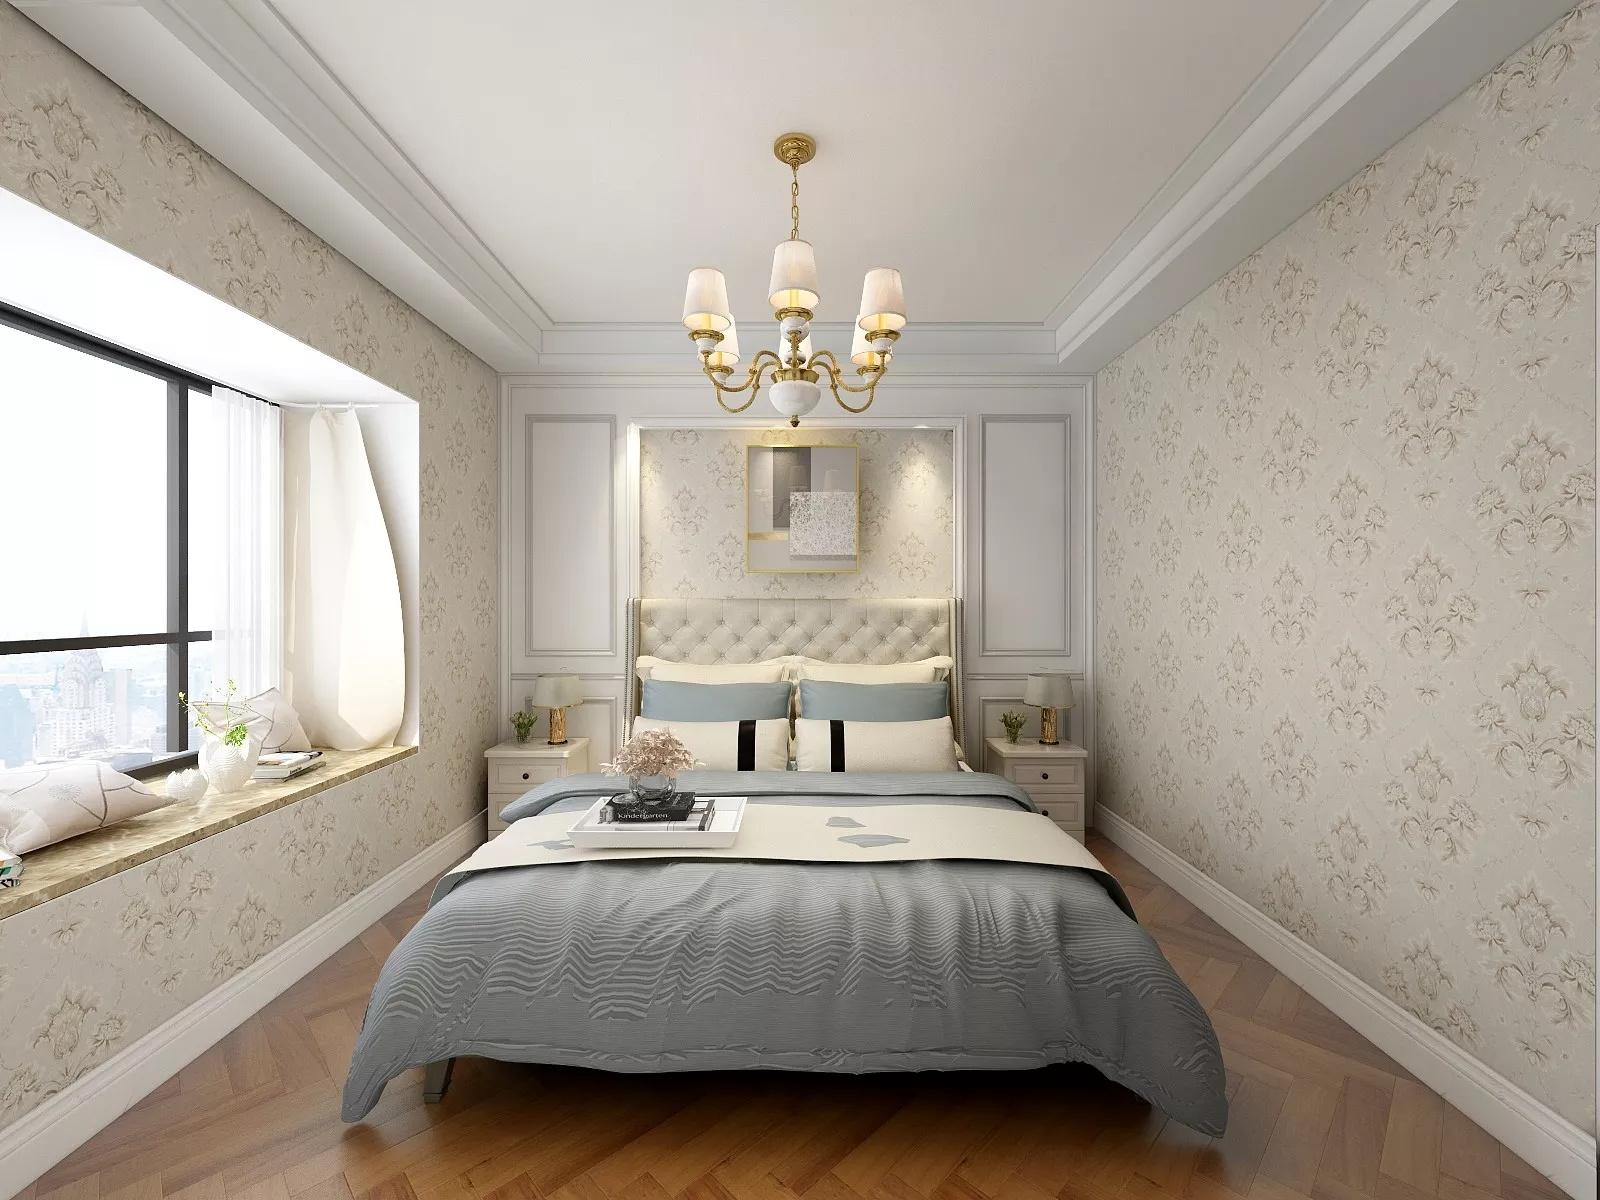 現代簡約風格客廳裝修